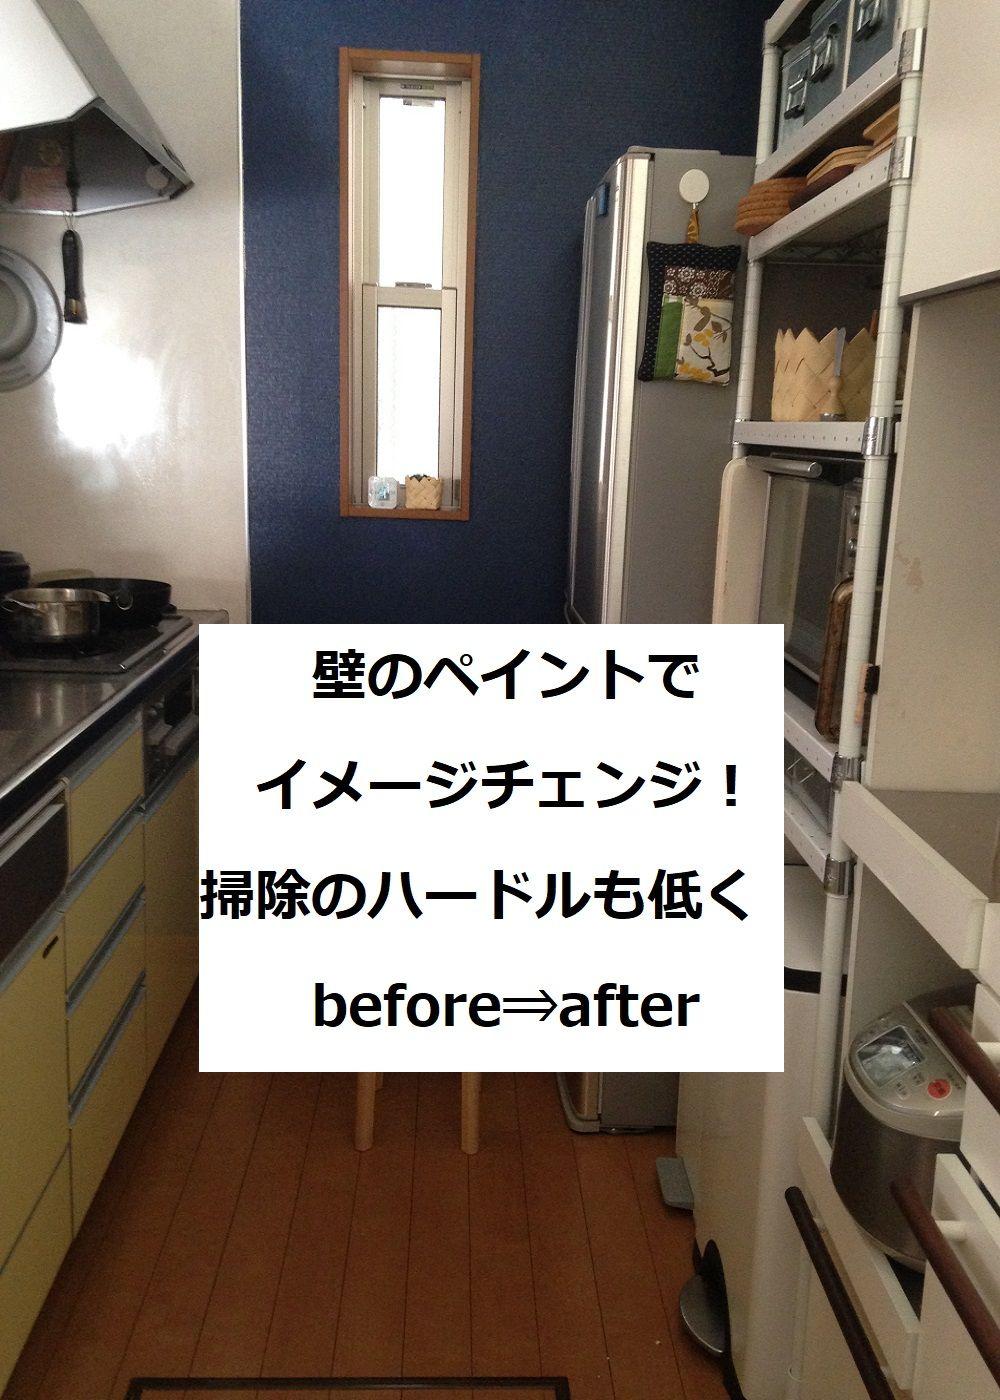 建売住宅 キッチン壁 Before After 掃除も楽々 インテリア ビフォーアフター キッチン インテリア